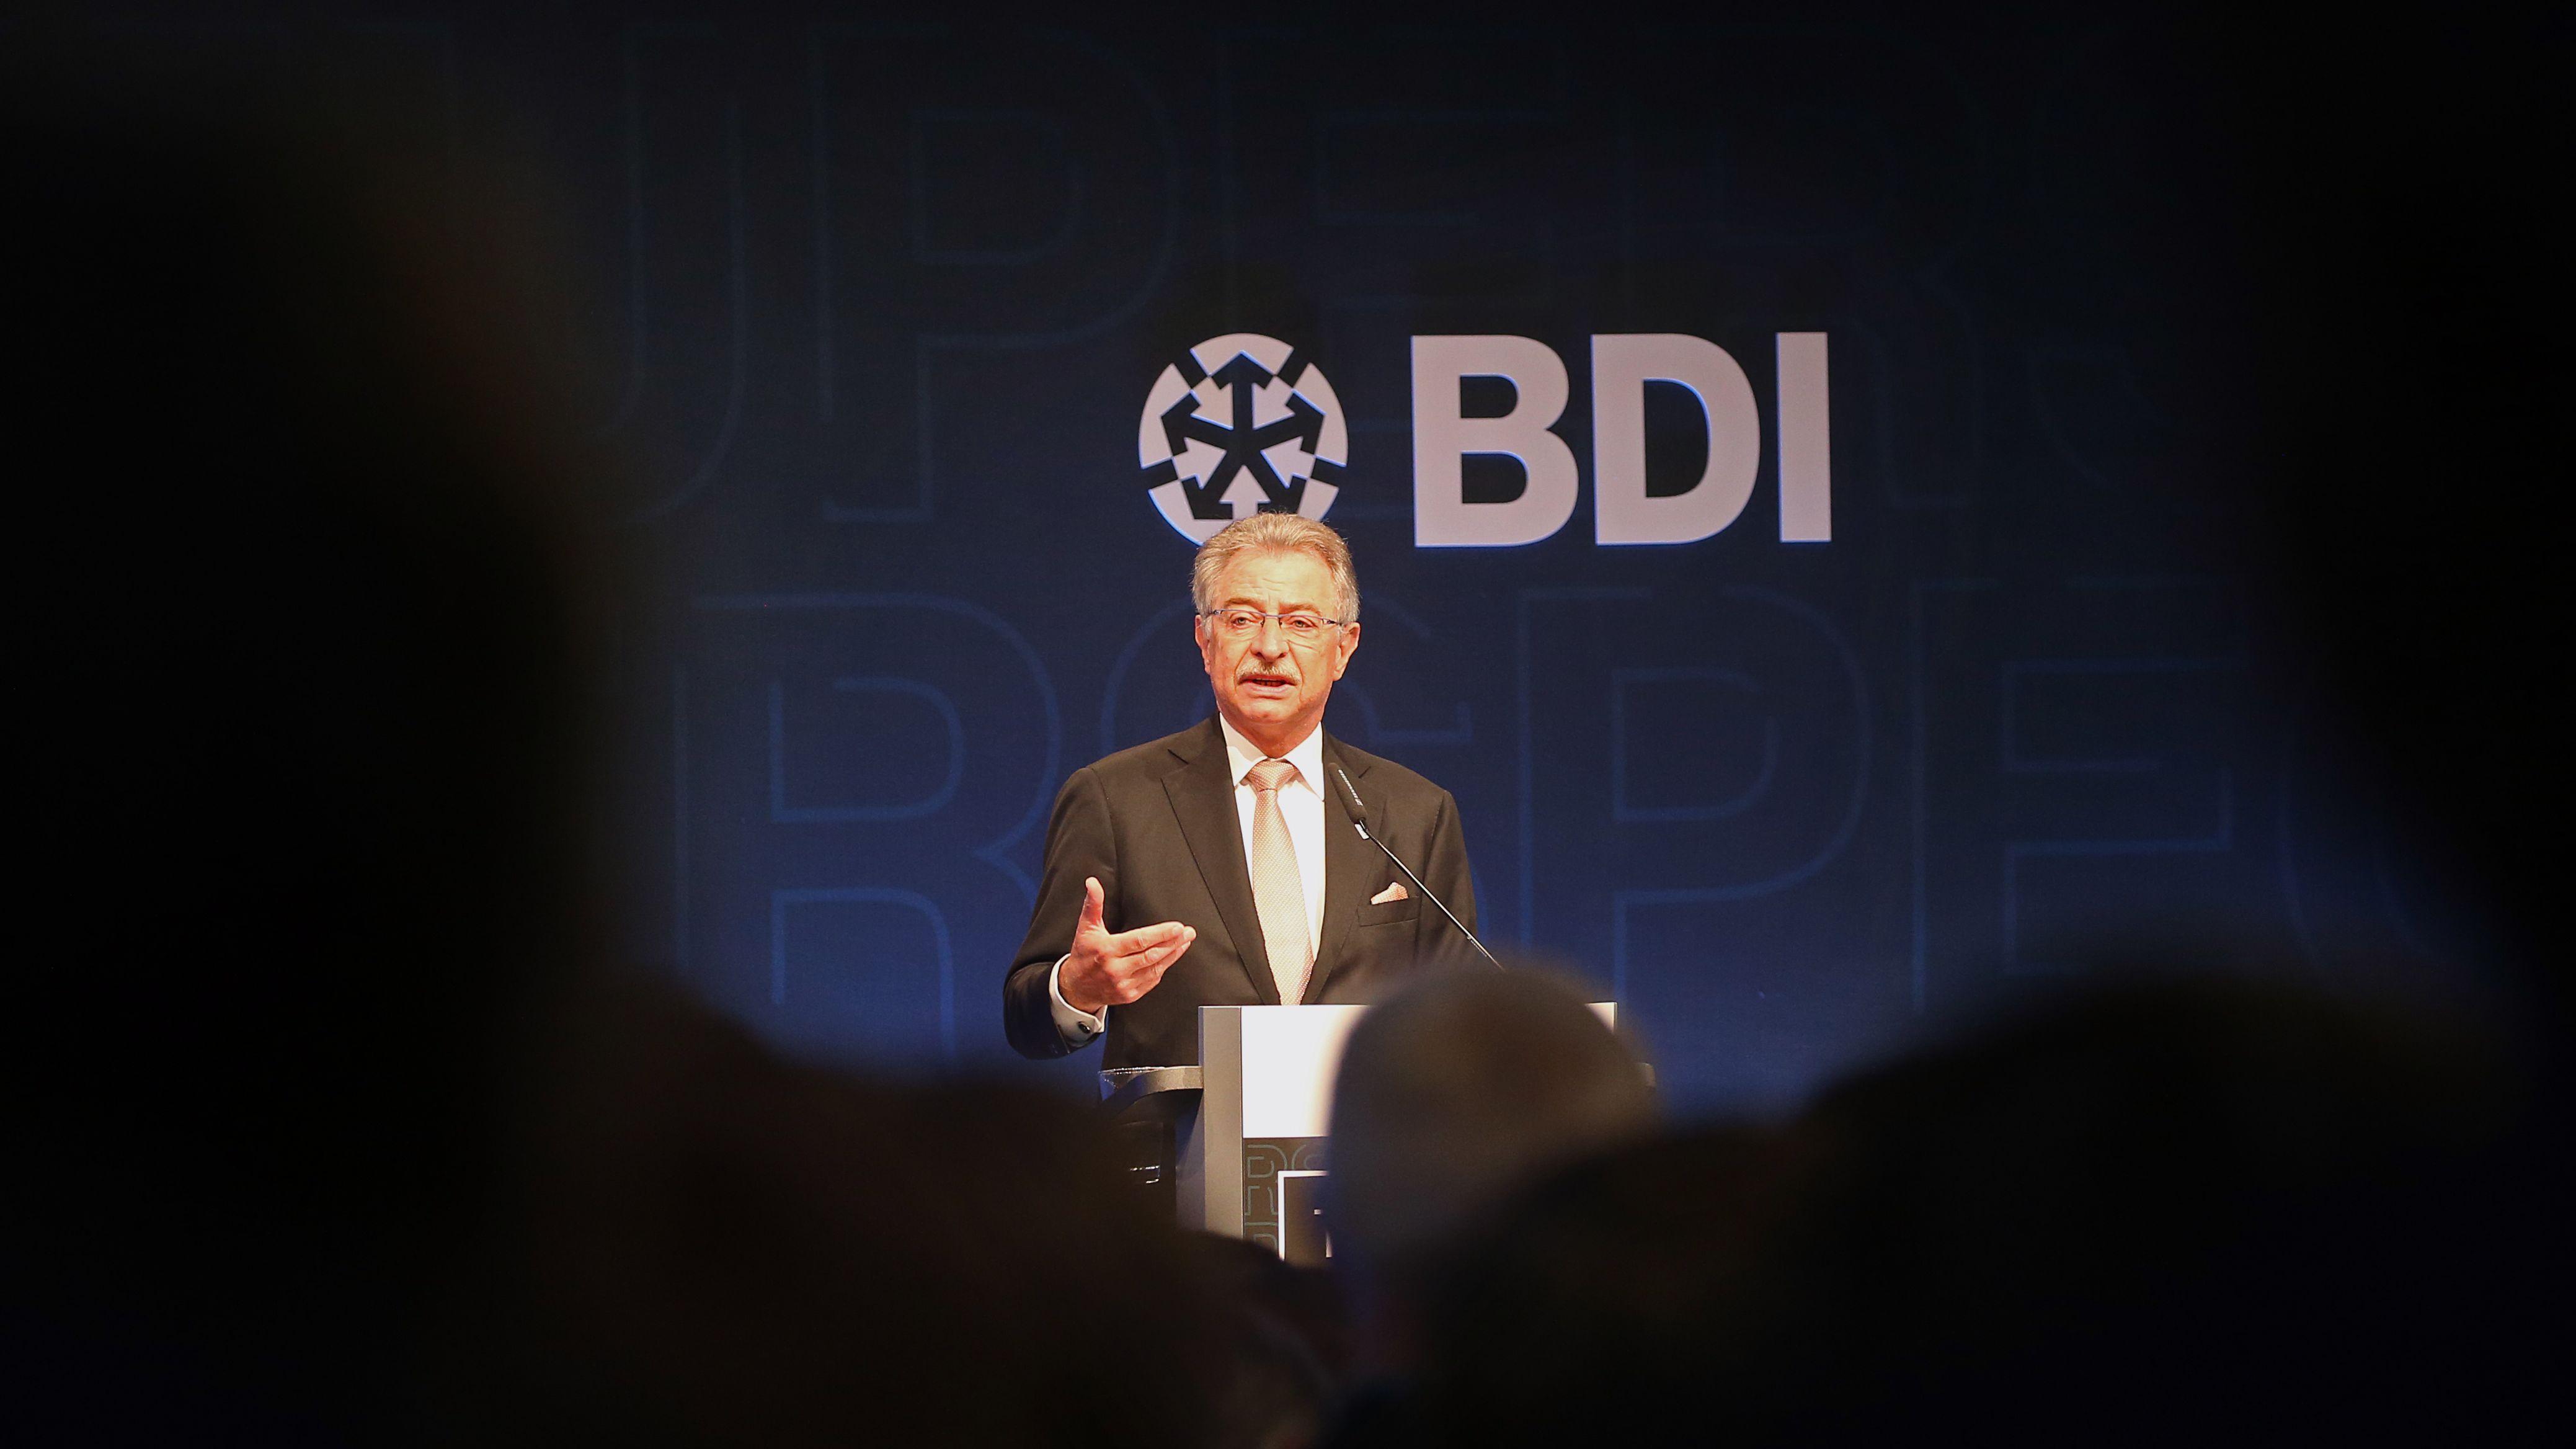 BDI -Präsident, Dieter Kempf bei einer Verbandstagung